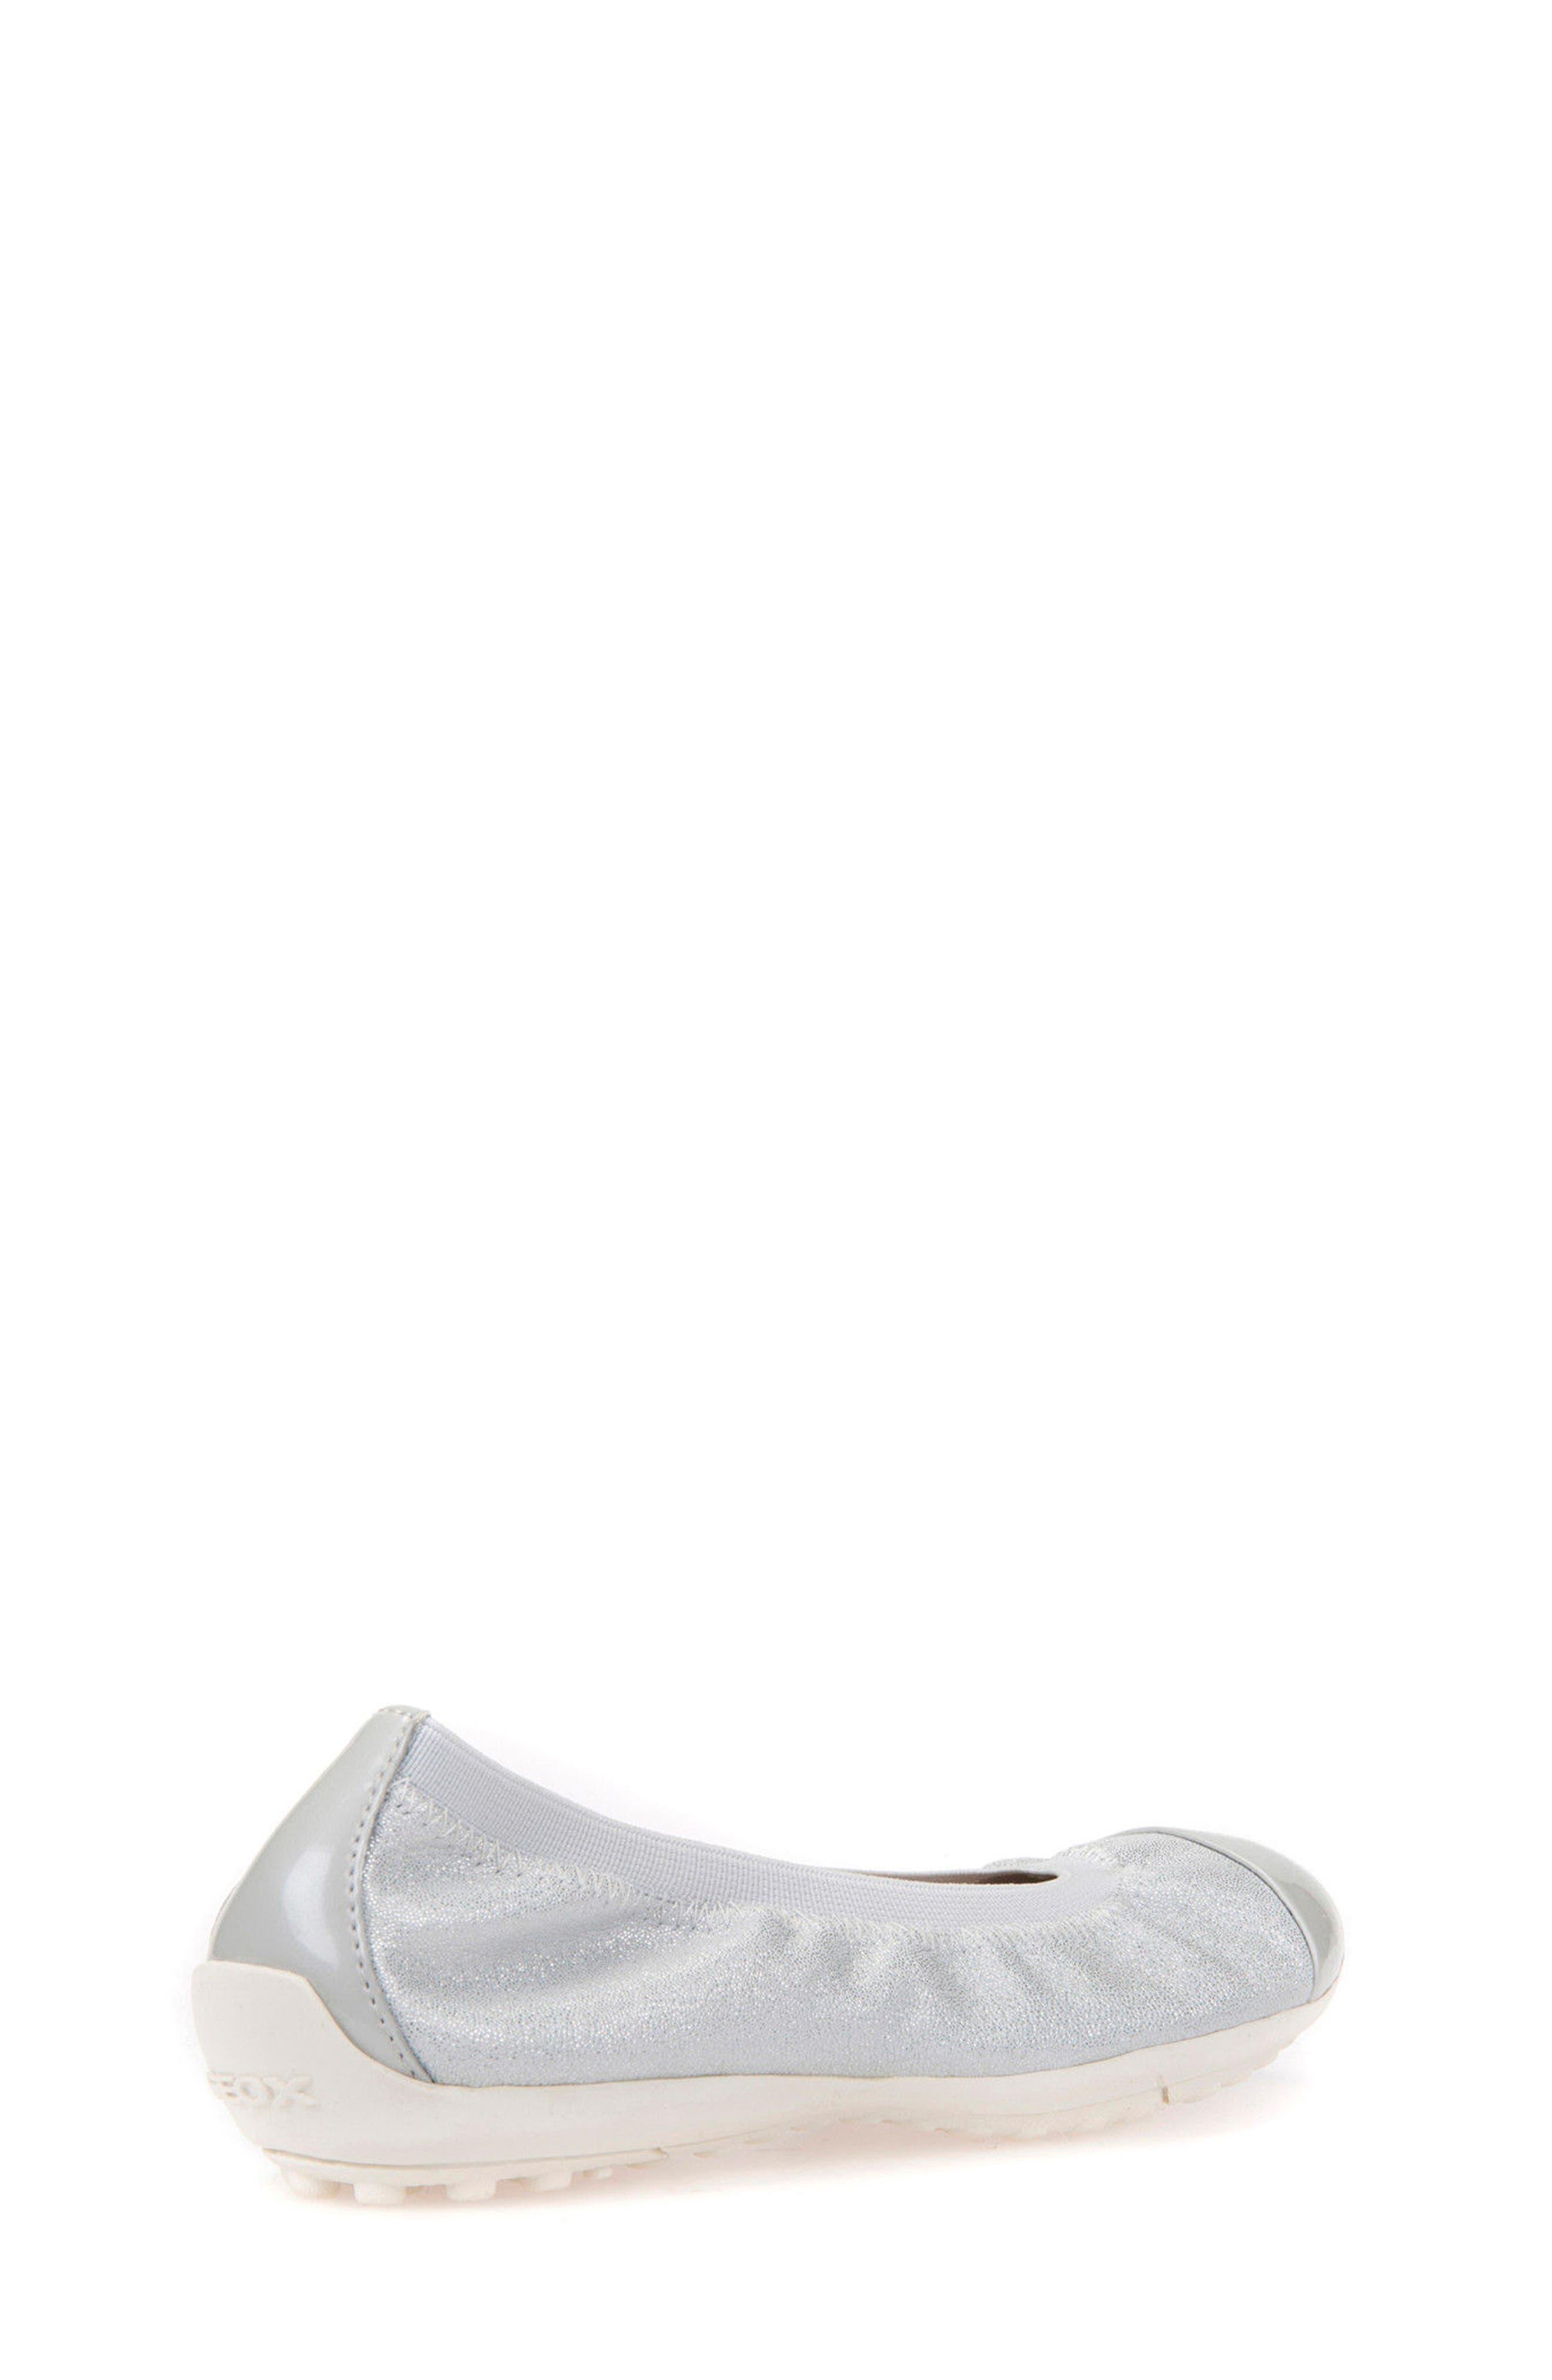 GEOX, Piuma Cap Toe Glitter Ballerina Flat, Alternate thumbnail 2, color, PEARL